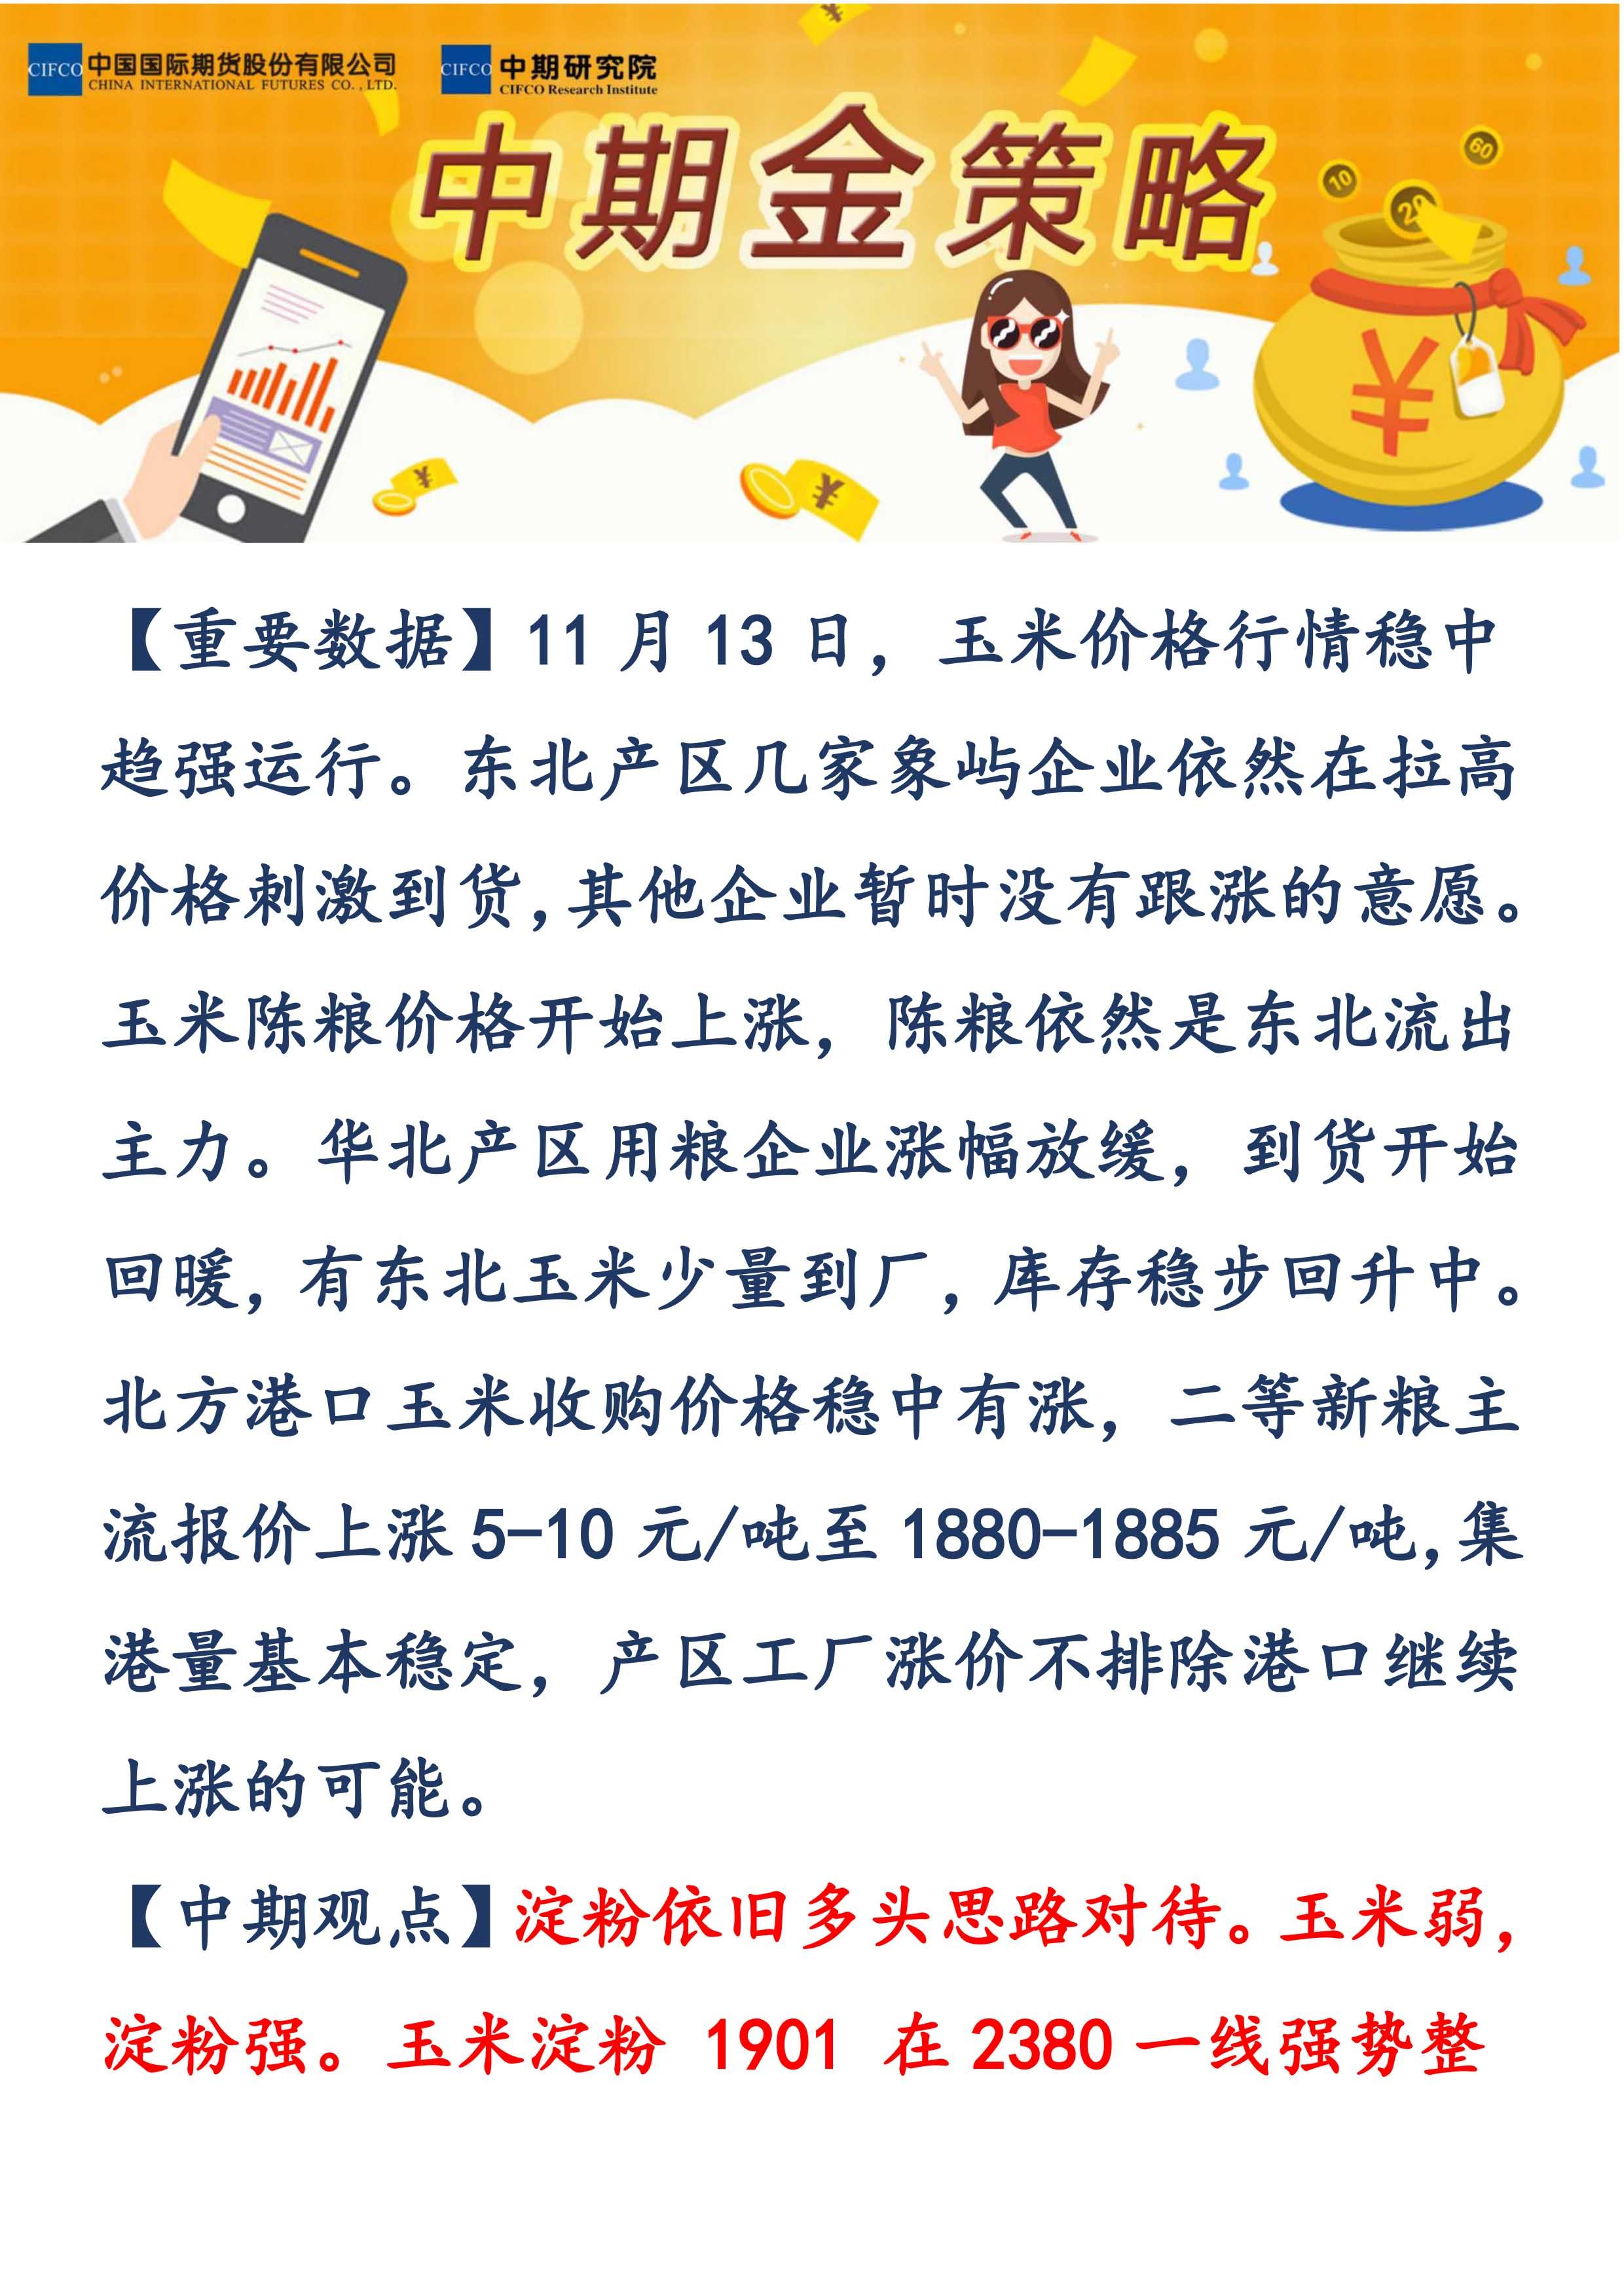 【易胜博金策略】-20181113-玉米、淀粉-1.jpg